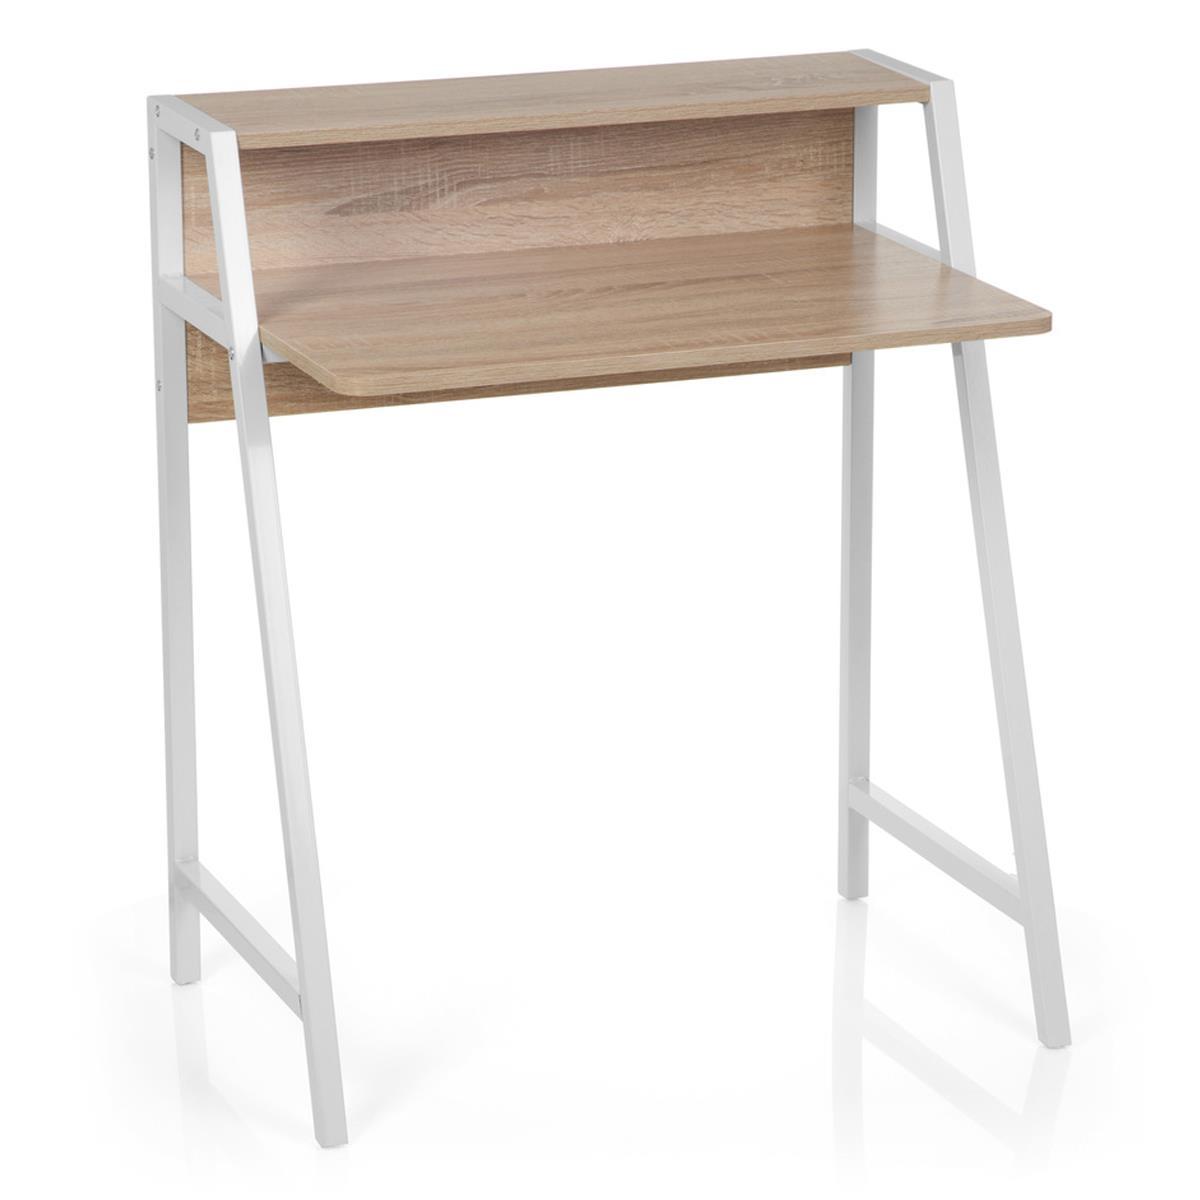 Scrivania per computer portatile amber 75x48x89 cm in metallo e legno color rovere scrivania - Mesas para ordenadores portatiles ...